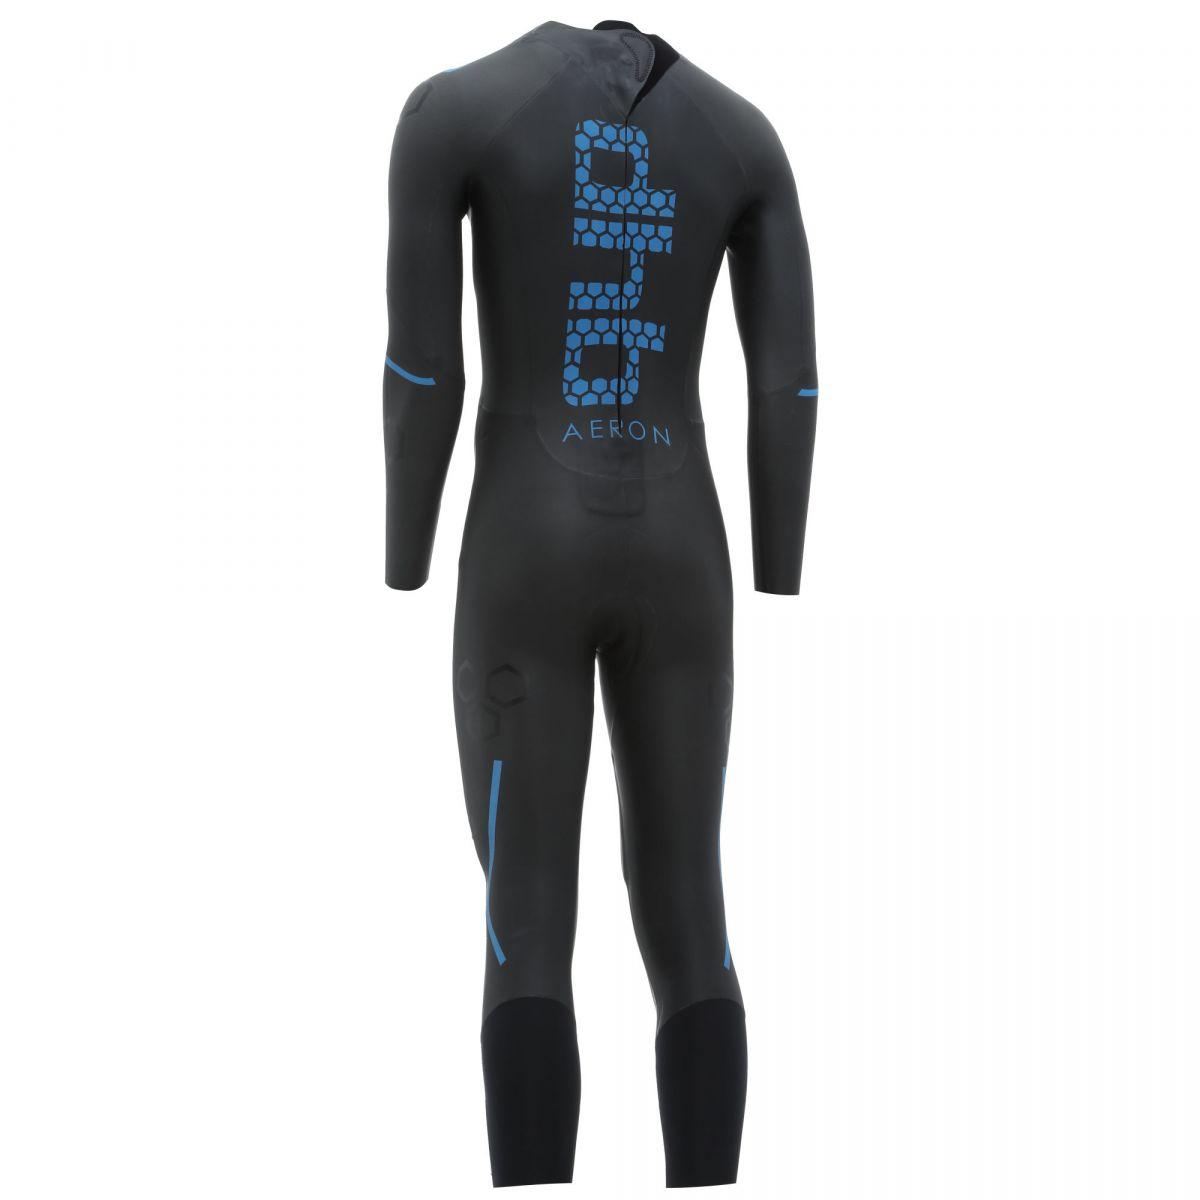 dhb-Aeron-Wetsuit-men-back